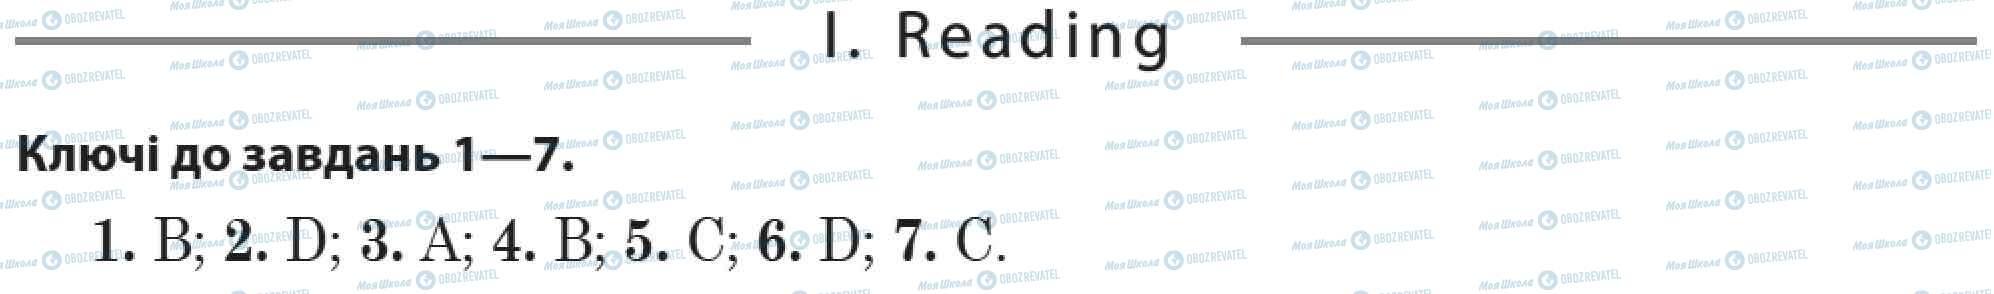 ДПА Английский язык 11 класс страница 1. Reading